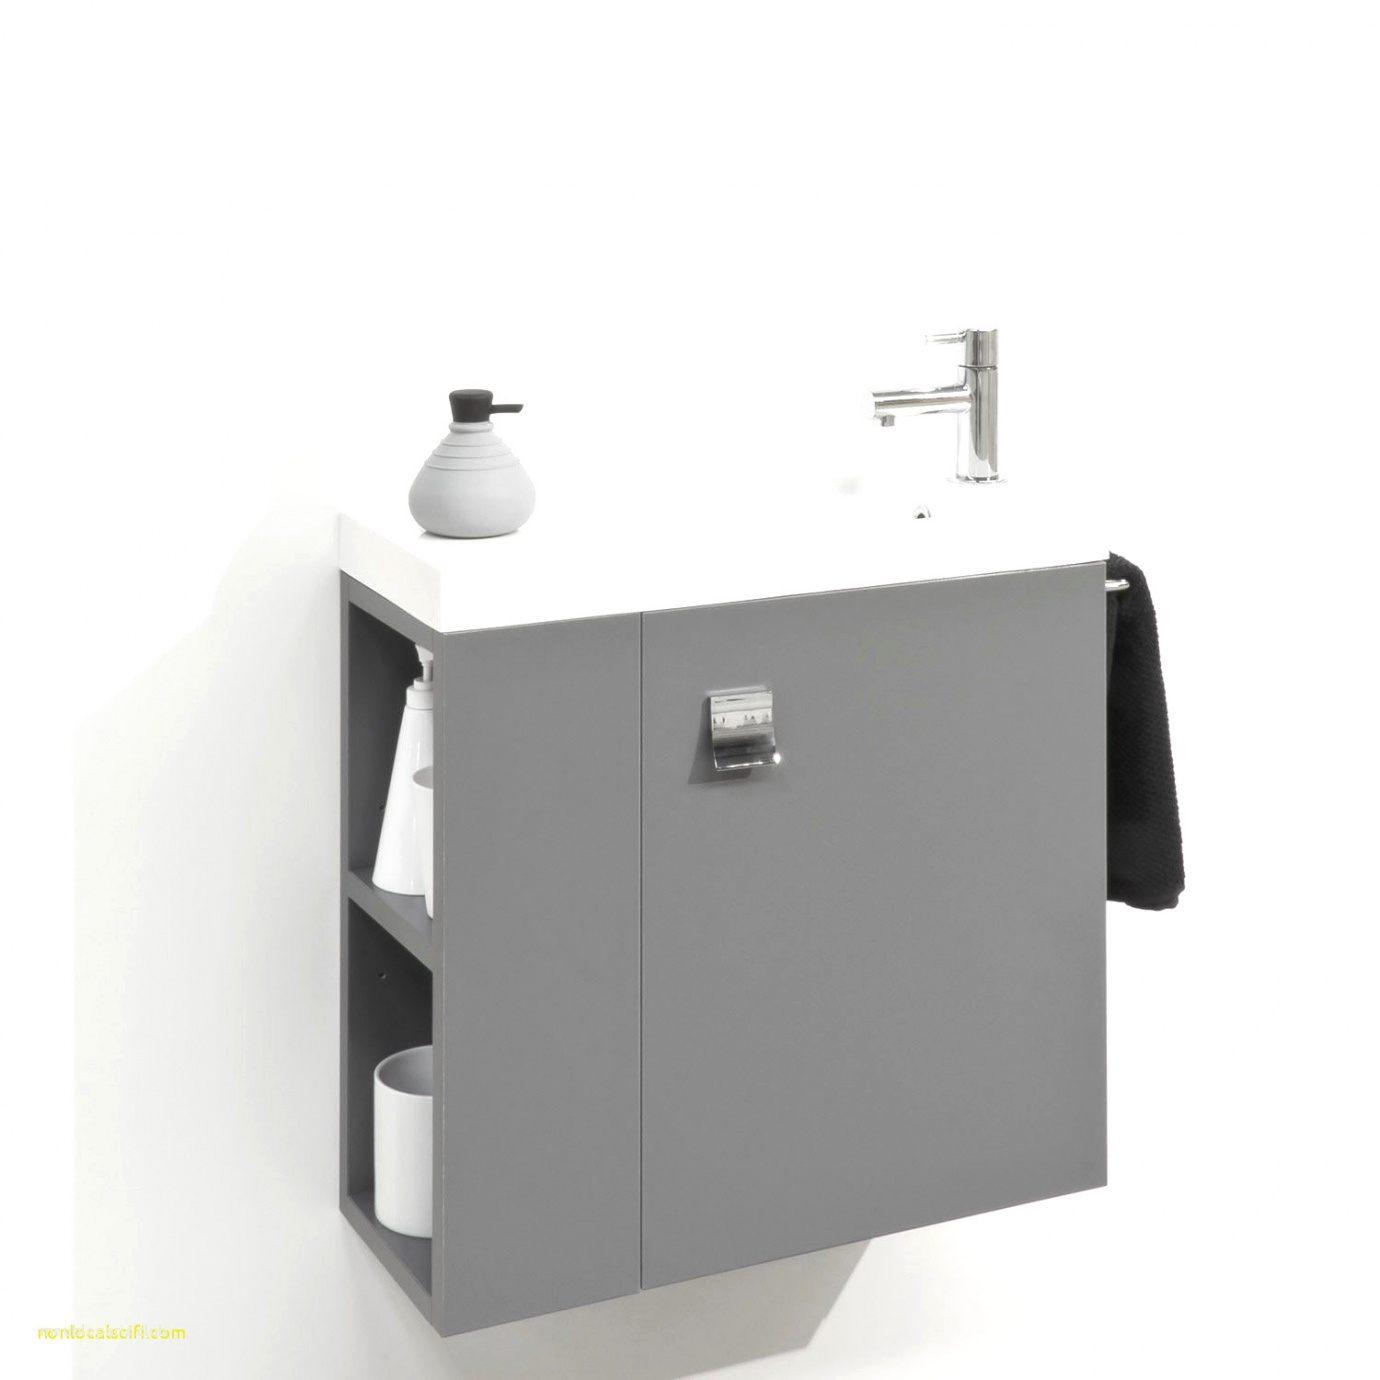 Lit 160×200 Avec Rangement Intégré Génial Armoire Bureau Intégré Awesome 60 Luxe Armoire De toilette Bri Archƒ